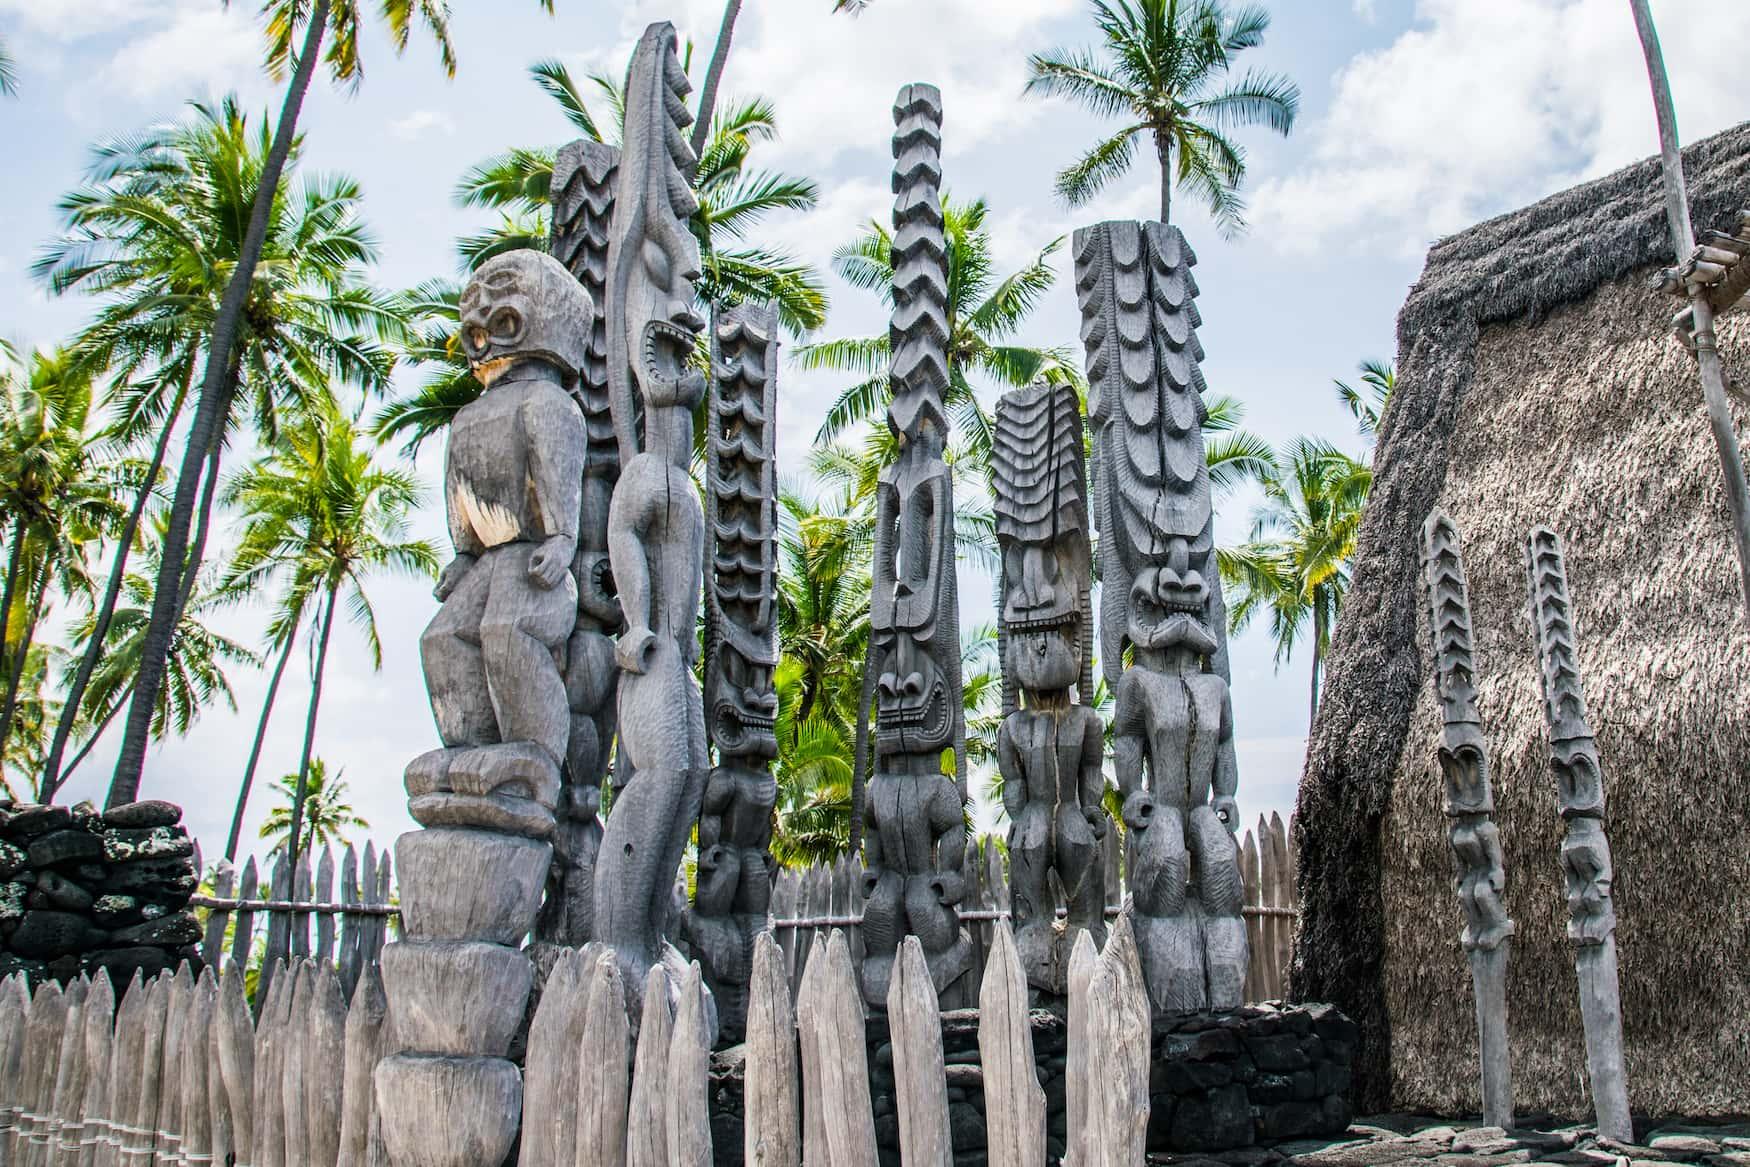 Uralte Tiki-Holzschnitzereien im polynesischen Stil grüßen die Besucher des Ki'i Pu'uhonua O Honaunau Nationalparks auf der Big Island von Hawaii.